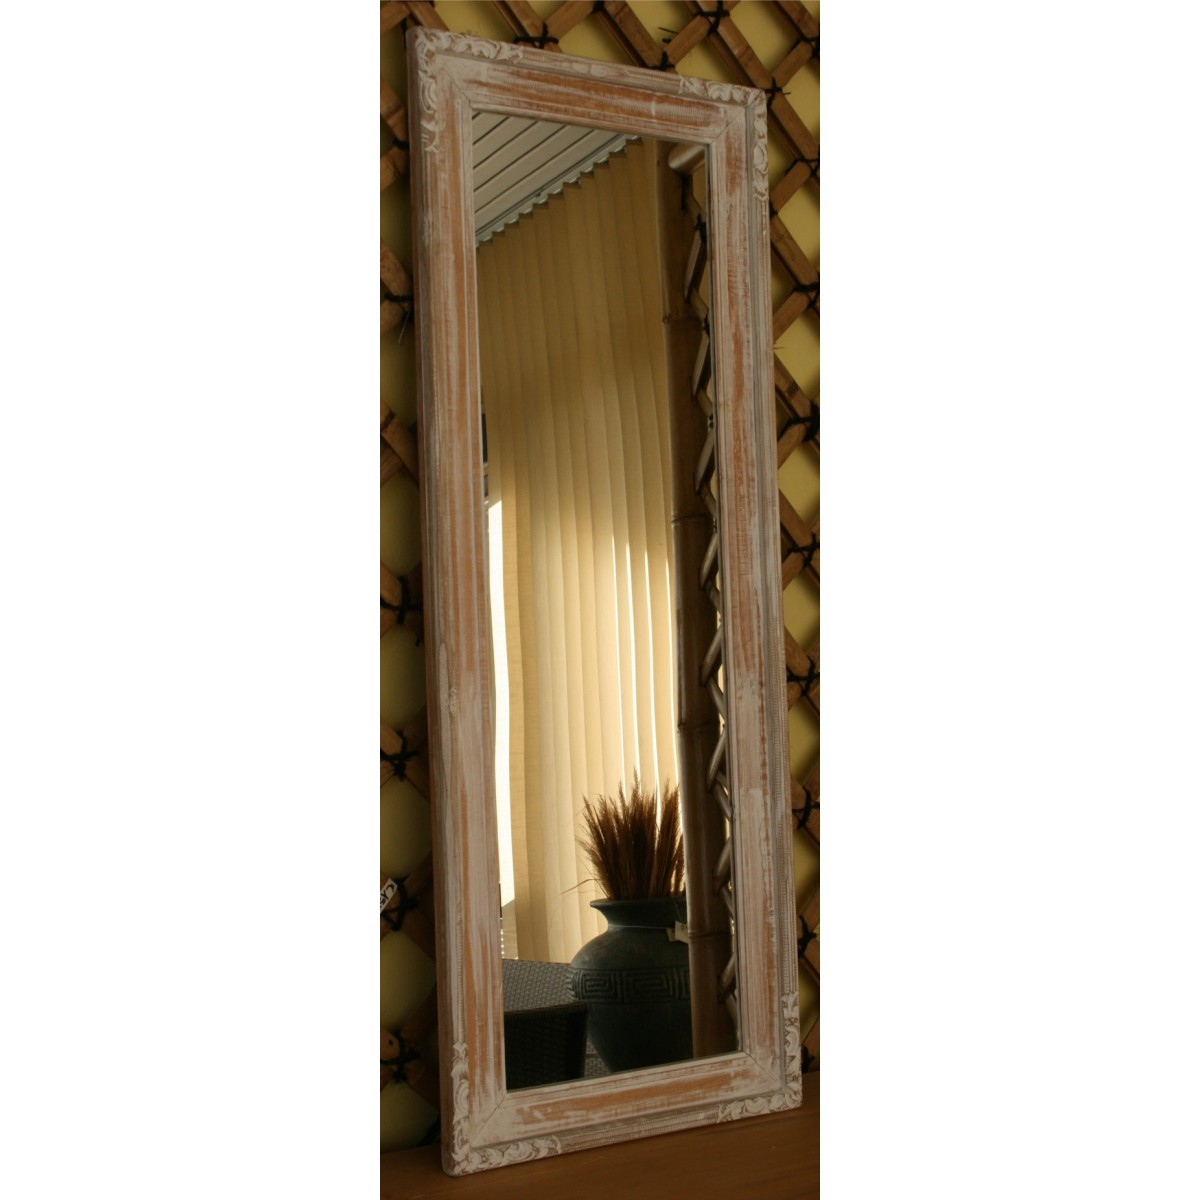 Specchio elisa legno decapato bianco - Specchio in legno ...